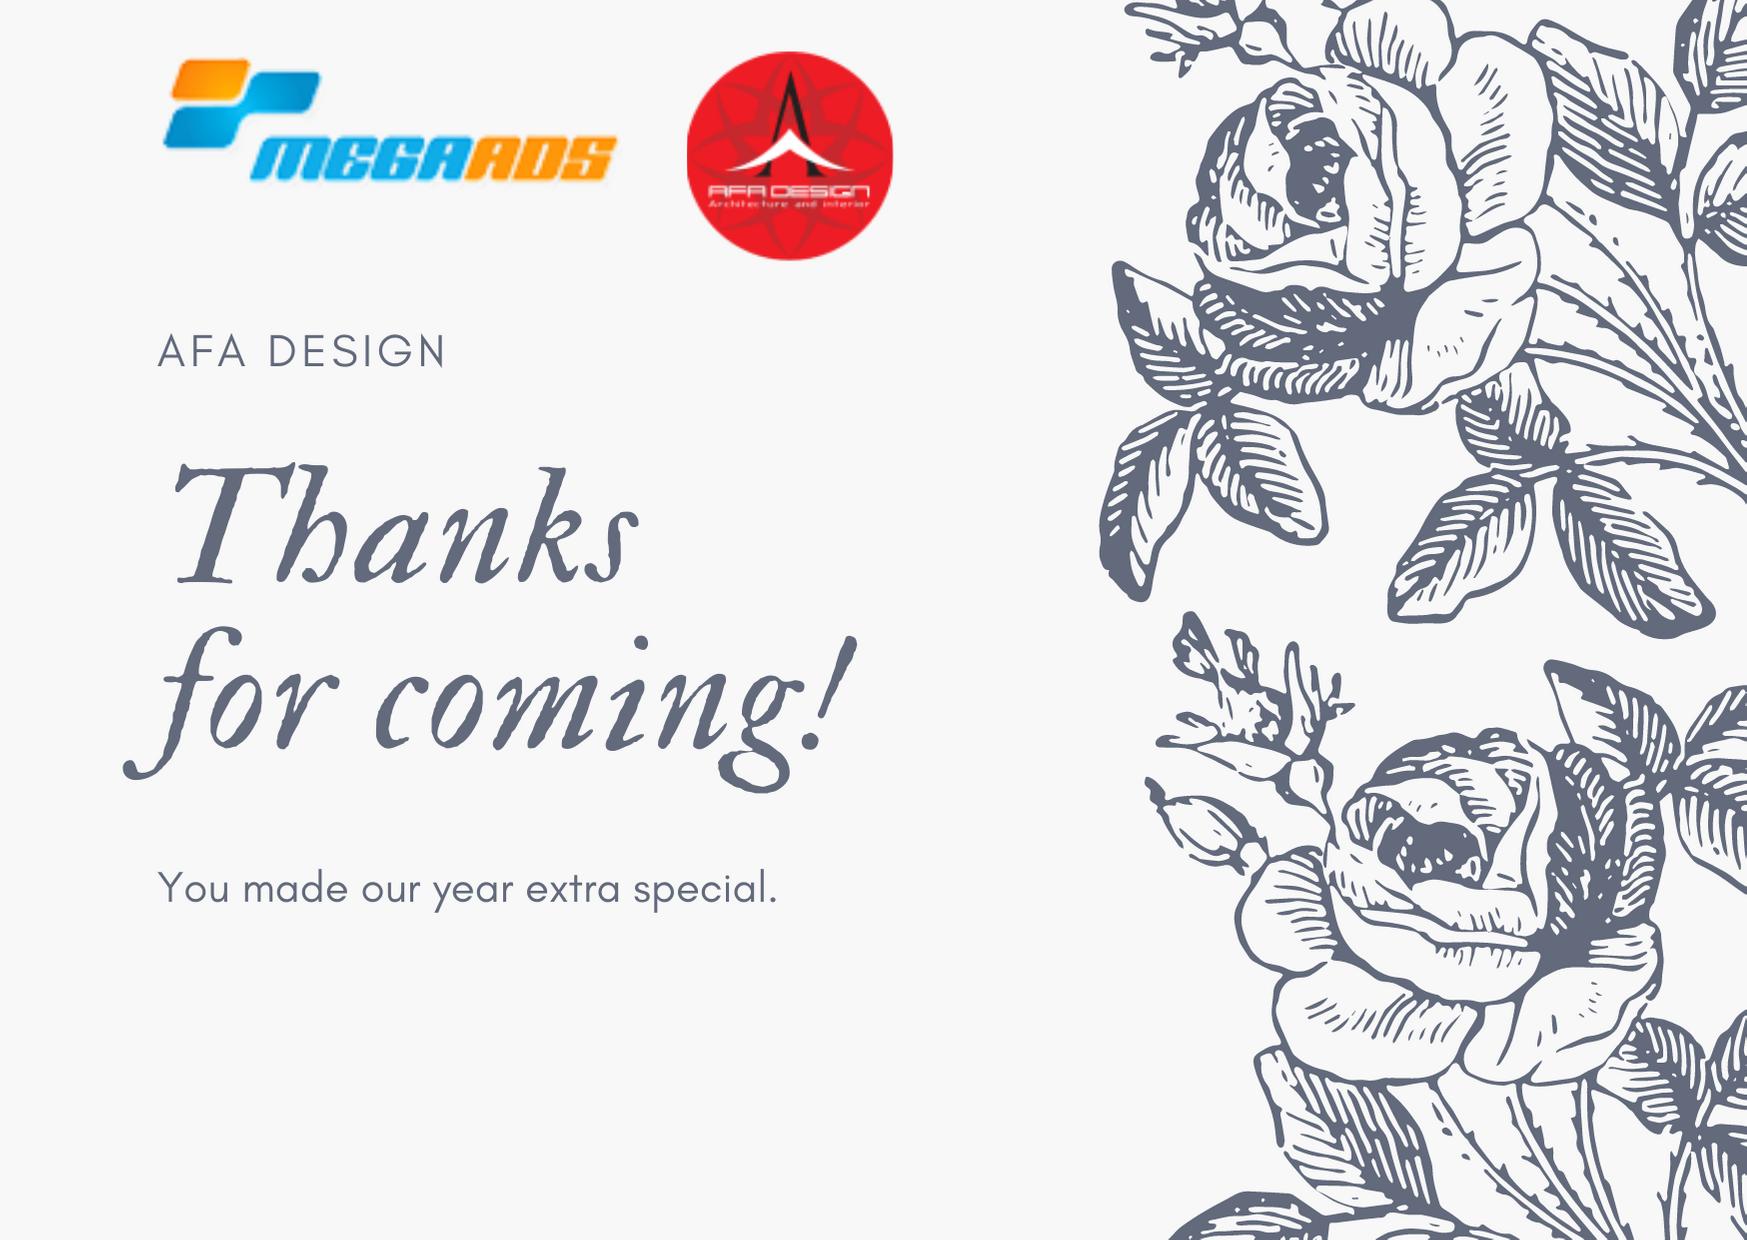 AfA Design, sự kiện tri ân khách hàng 2021 - Cùng khát vọng và vươn cao